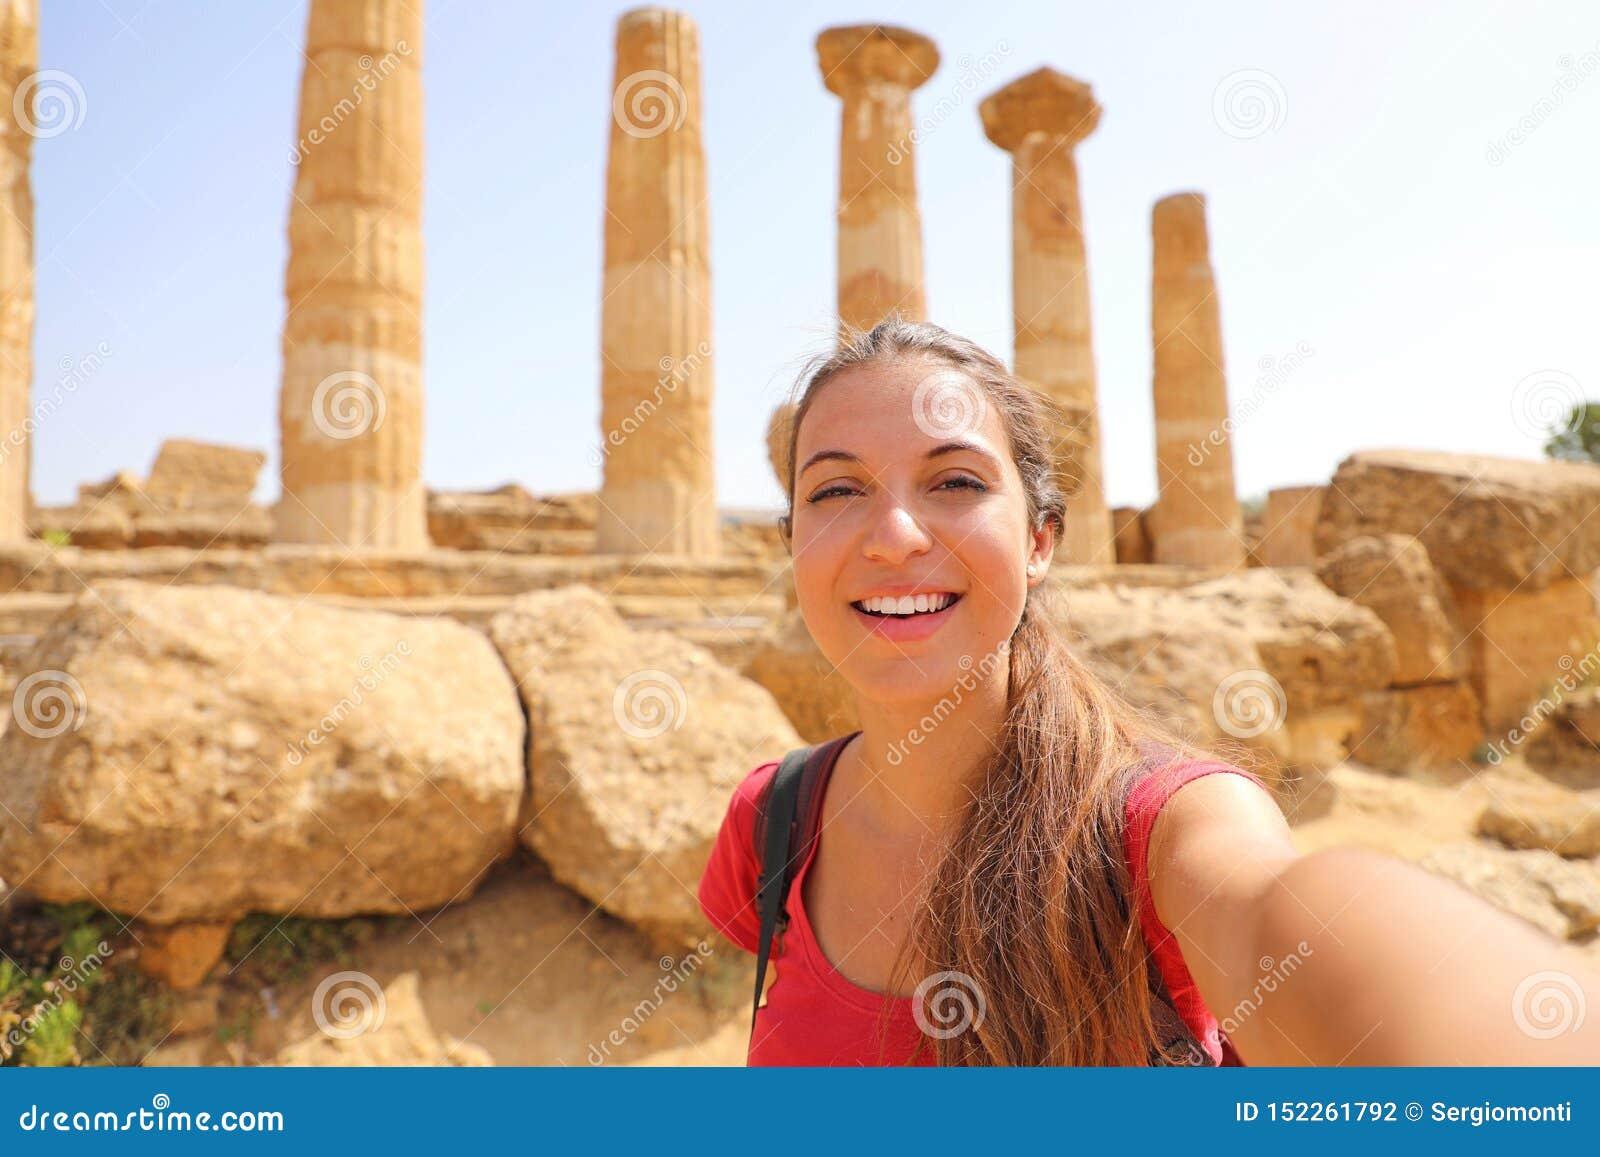 Uśmiechnięta młoda kobieta bierze jaźń portret z grecką świątynią na tle w dolinie świątynie przy Agrigento, Włochy